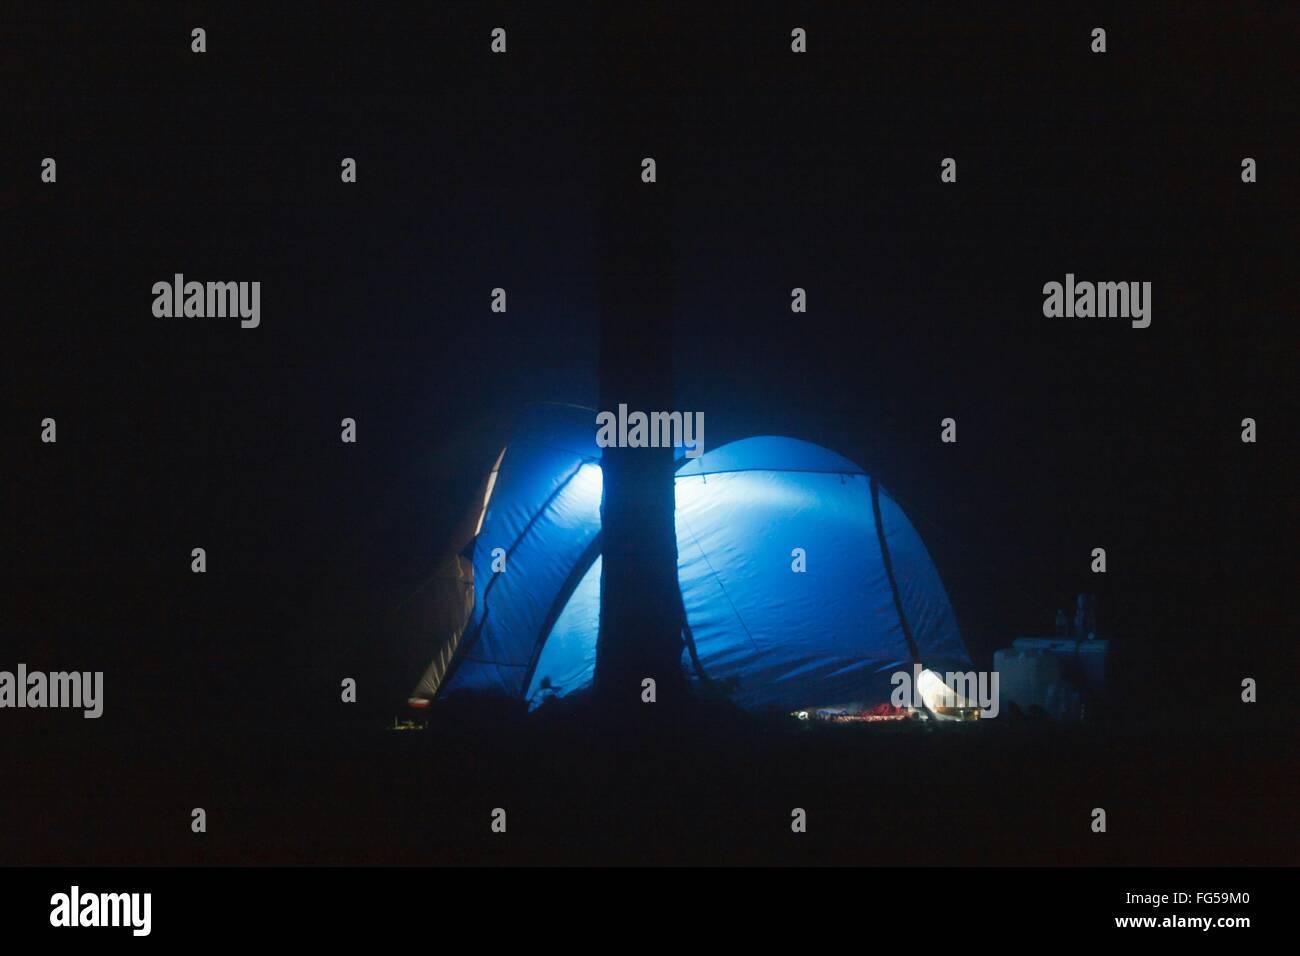 Blau beleuchtete Kuppelzelt auf Feld in der Nacht Stockbild